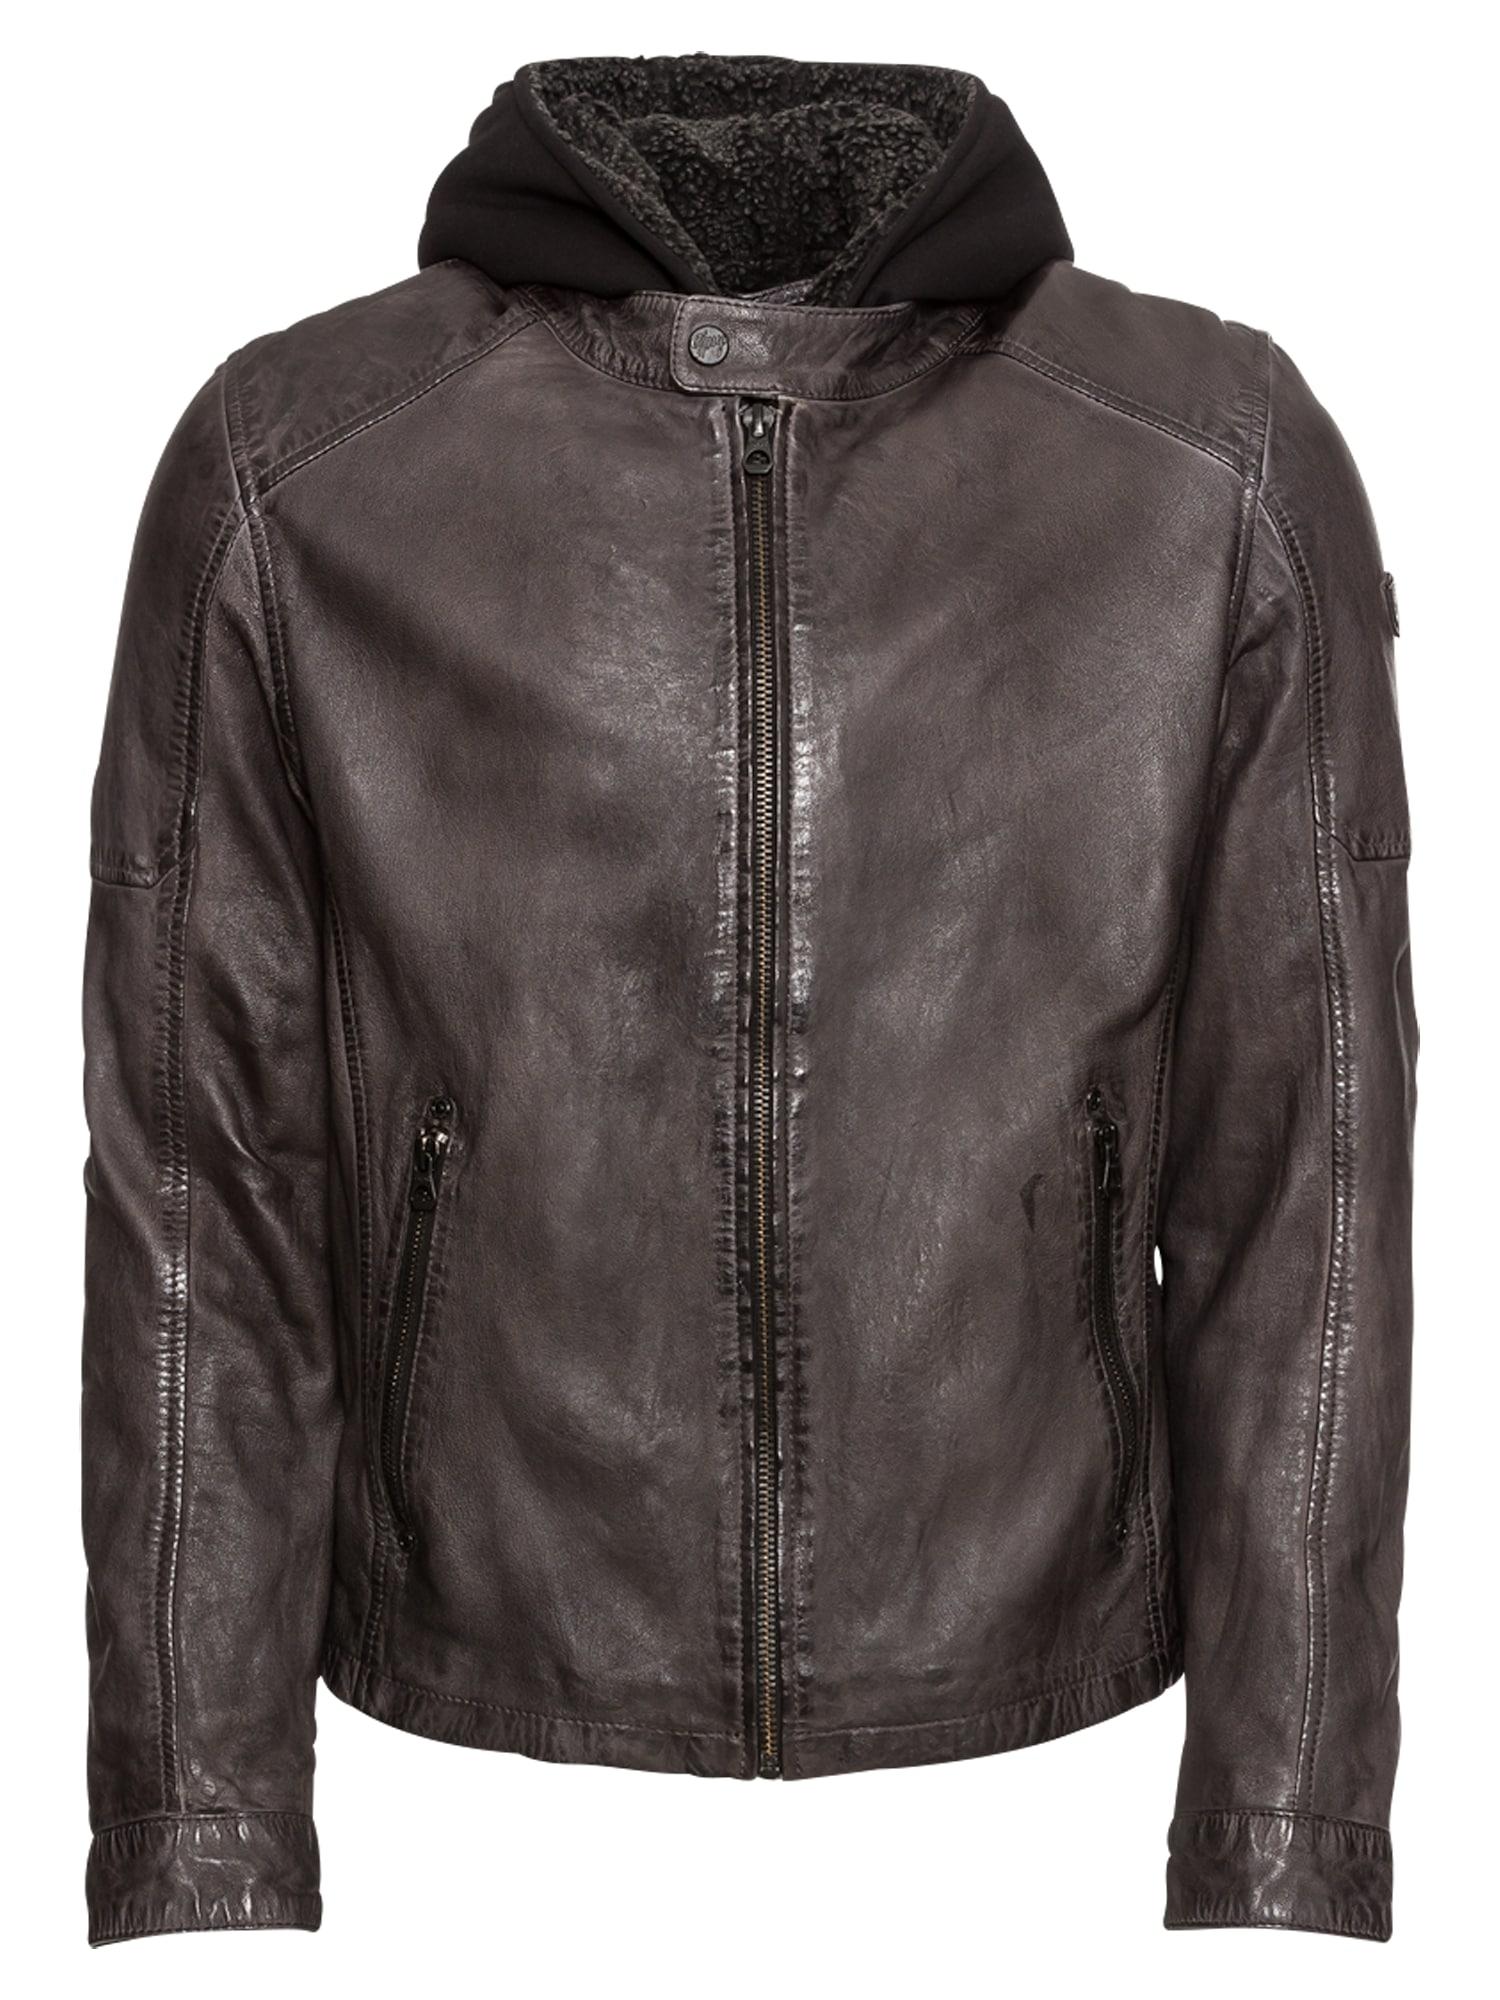 Přechodná bunda Max2 hnědá černá Gipsy